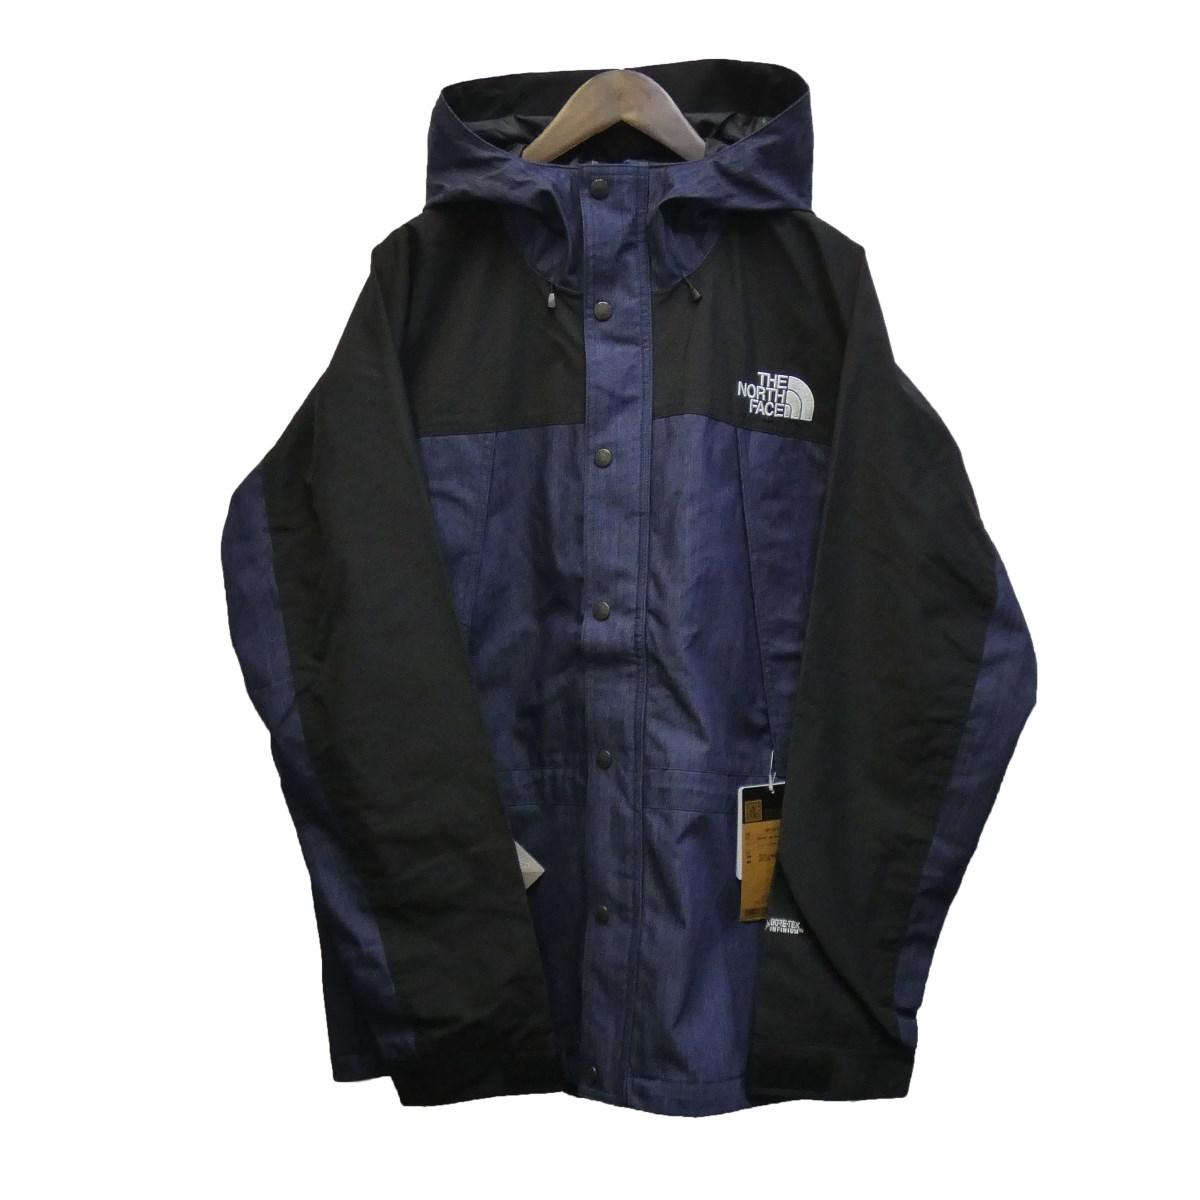 【中古】THE NORTH FACE 20SS 「Mountain Light Denim Jacket」マウンテンライトデニムジャケット インディゴ サイズ:XL 【130420】(ザノースフェイス)